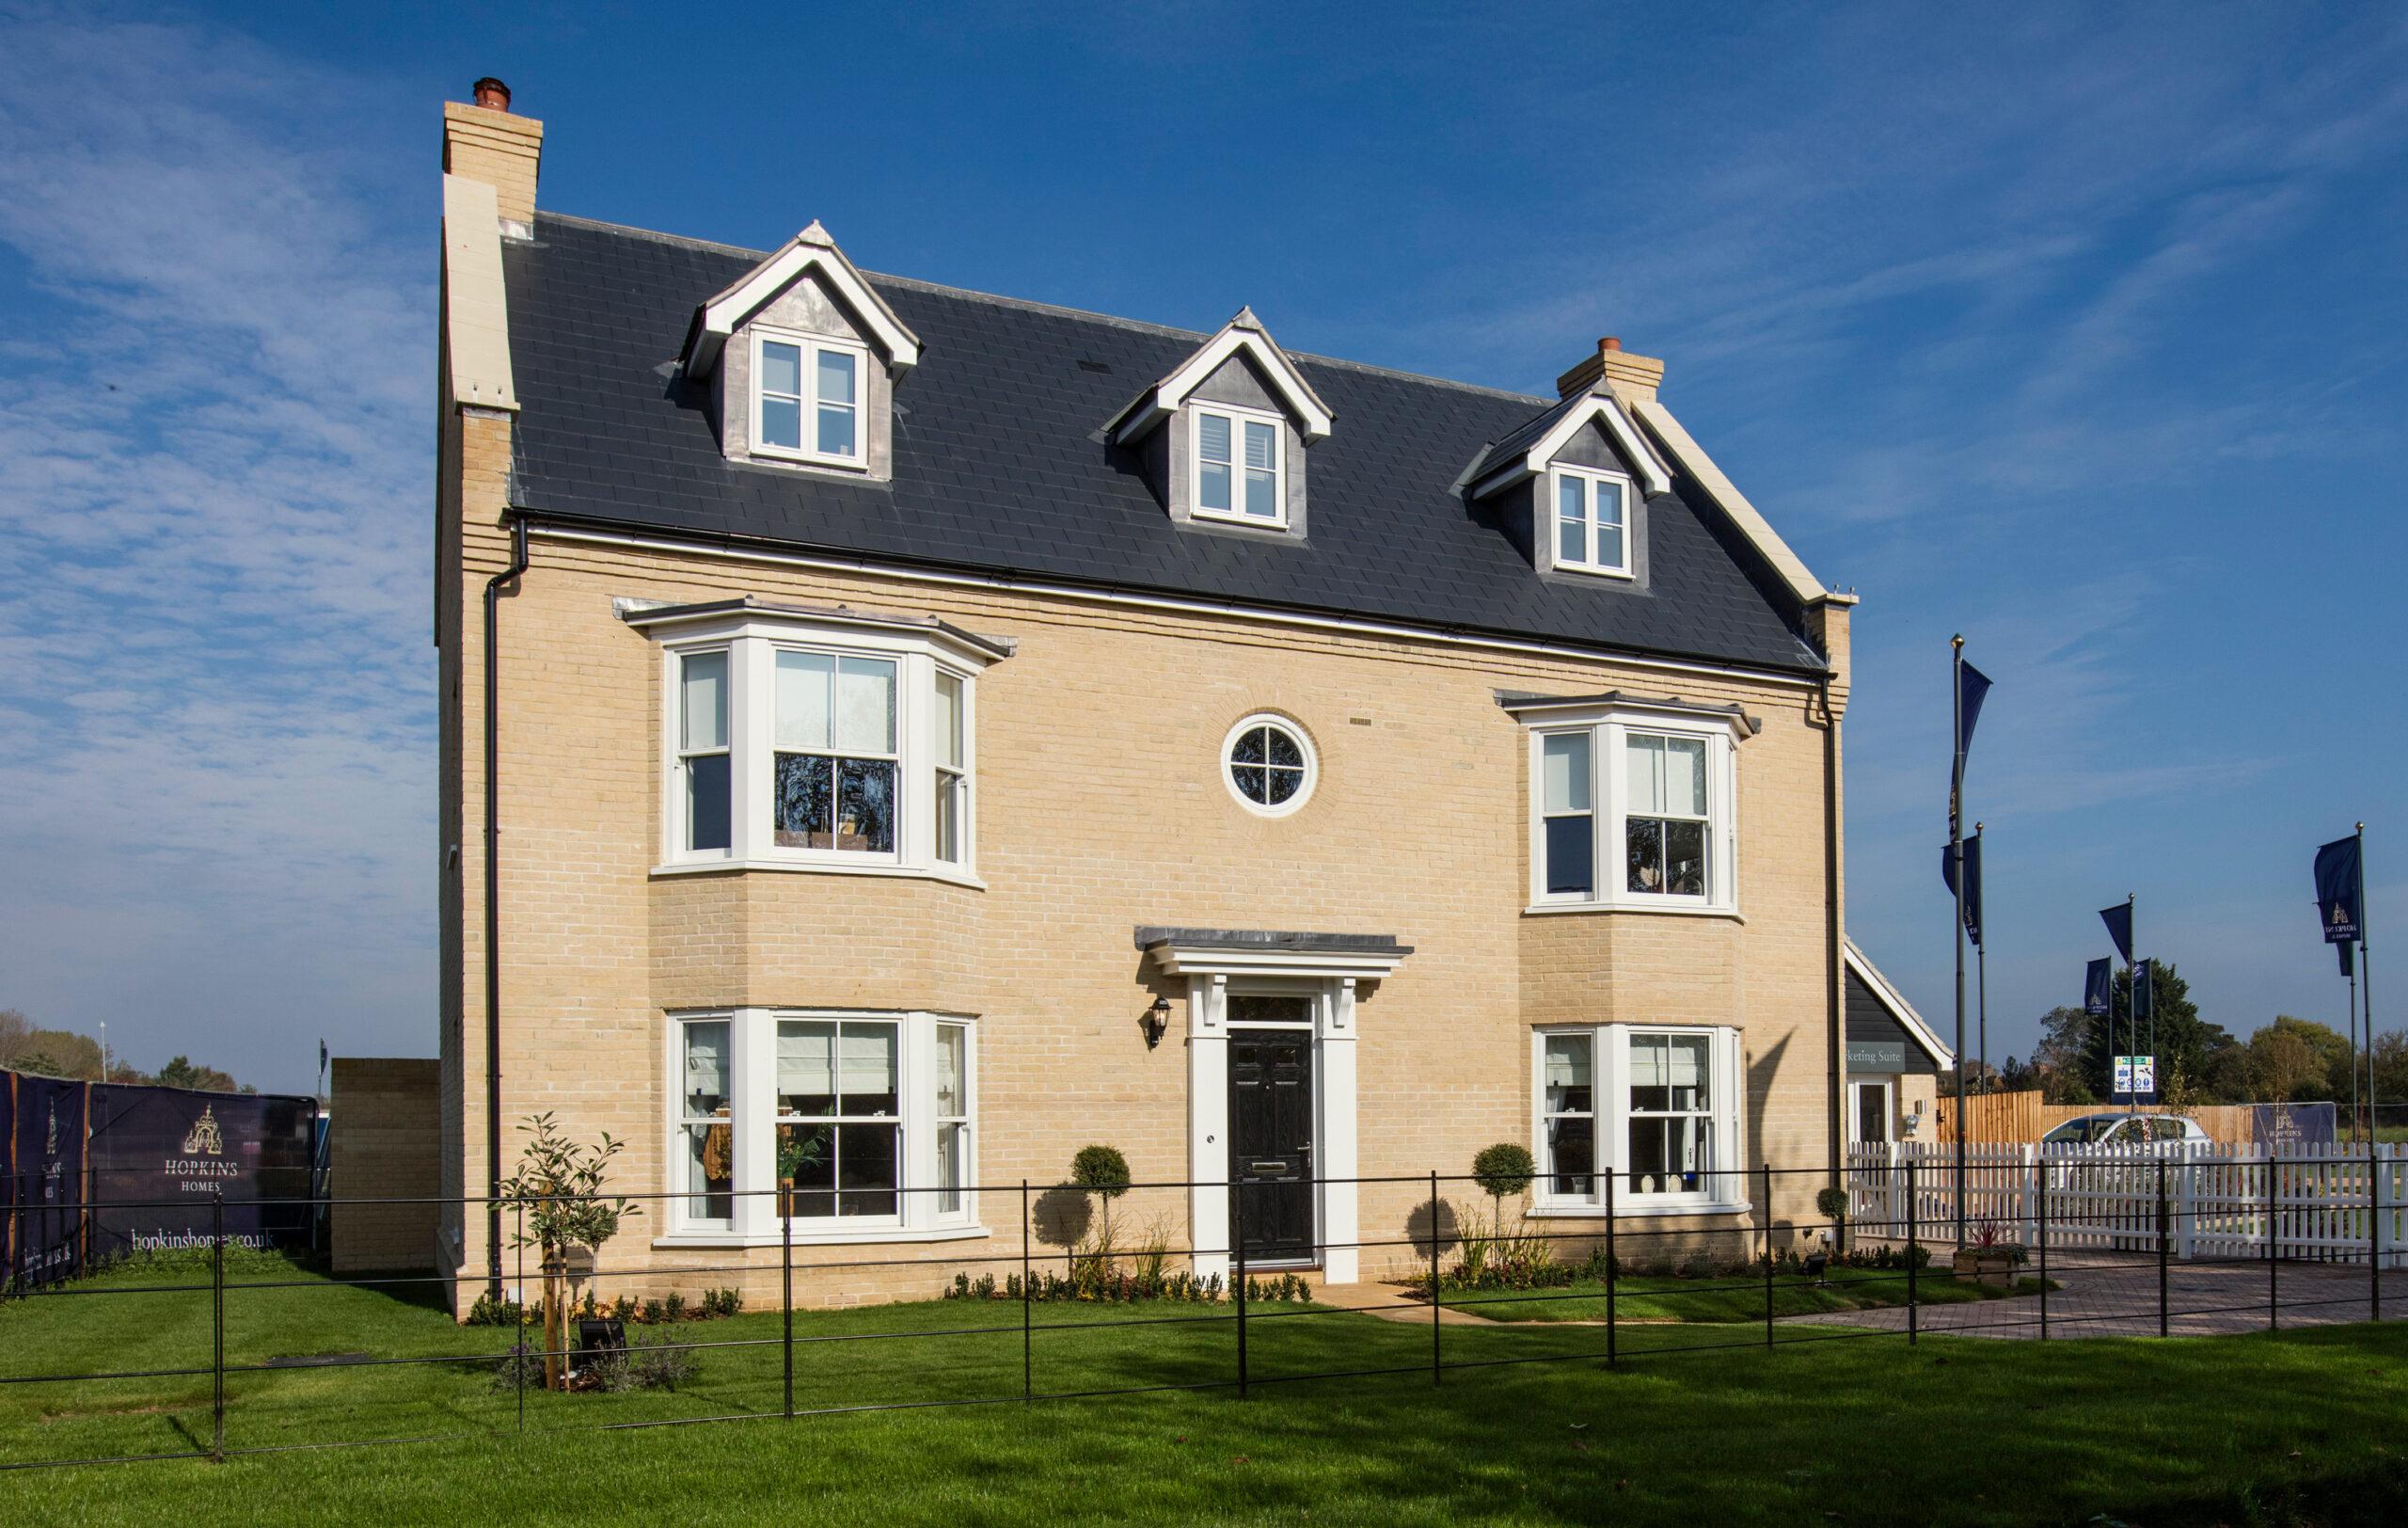 St James Park New Build Home